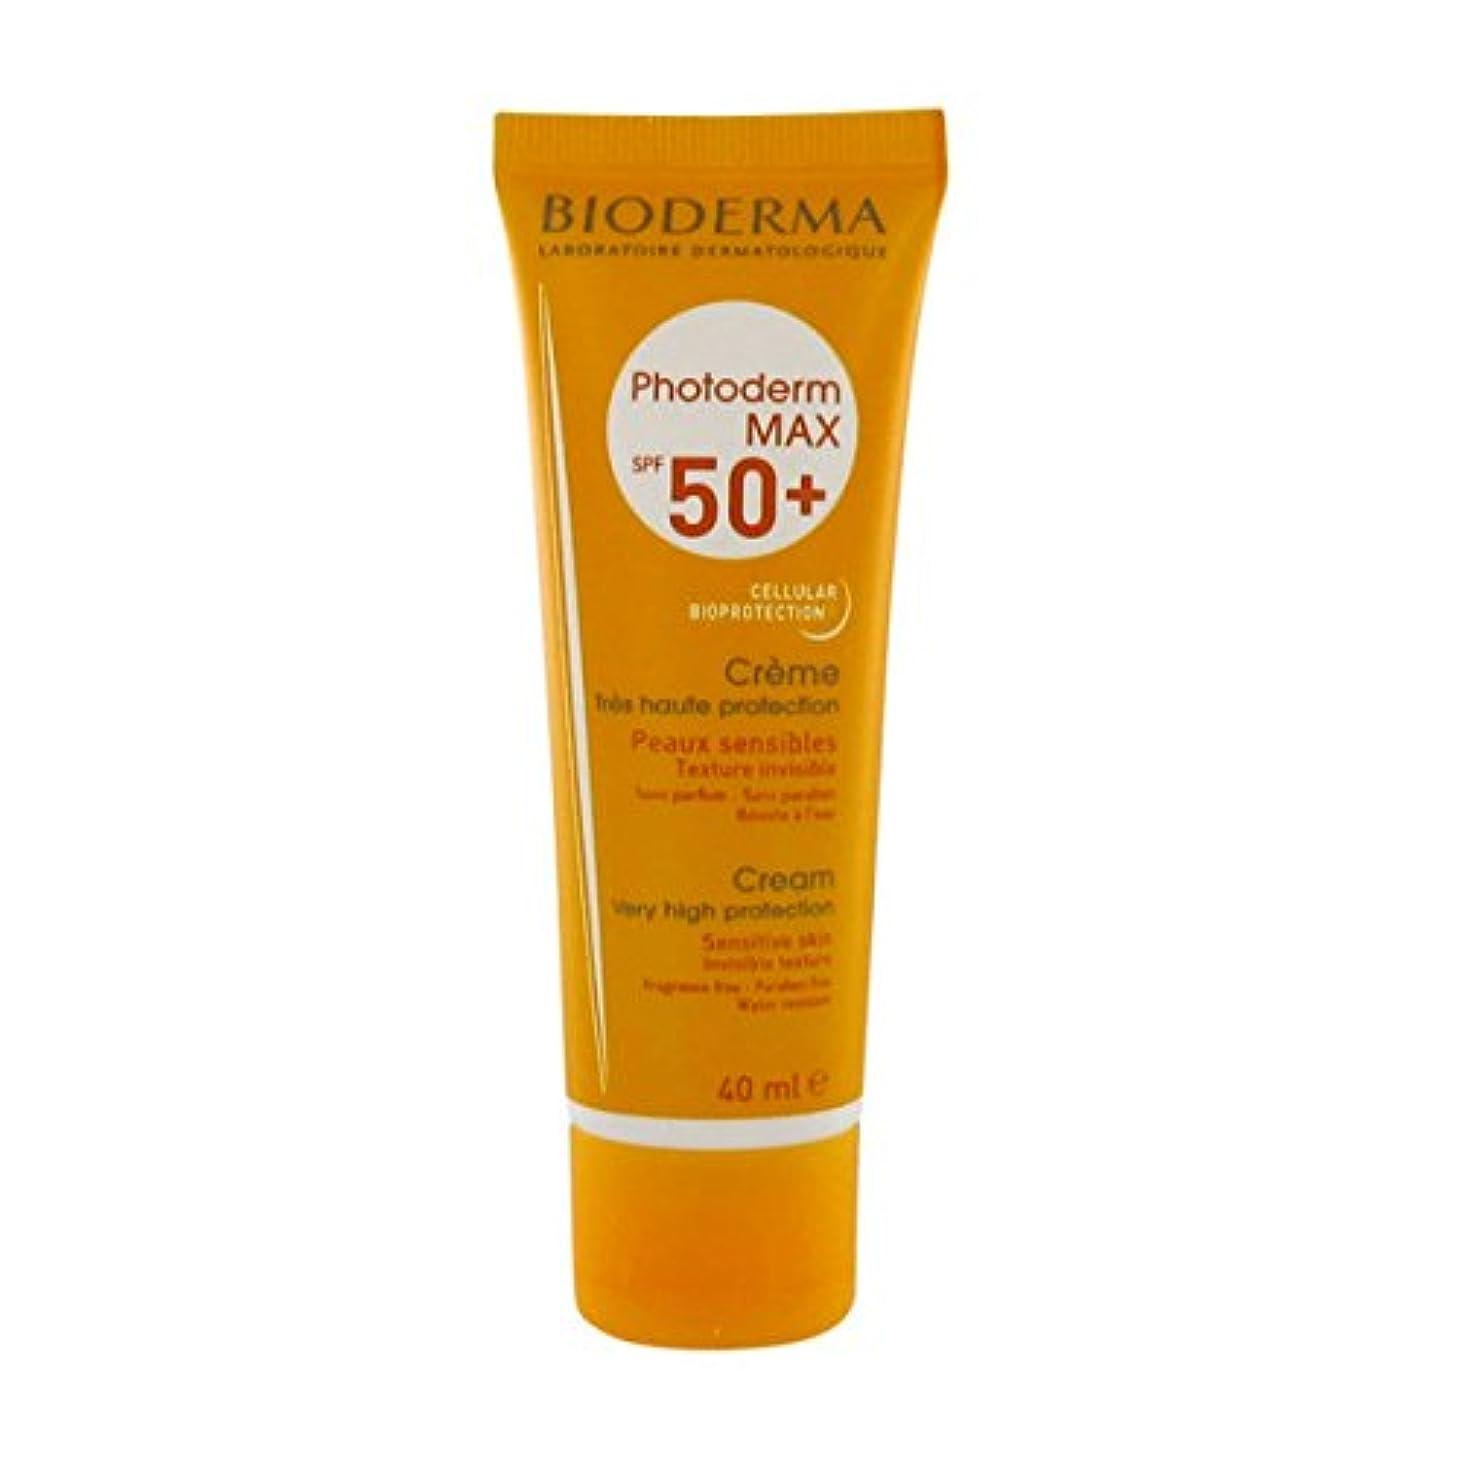 ライセンス売るに賛成Bioderma Photoderm Max Spf 50+ Cream 40ml [並行輸入品]